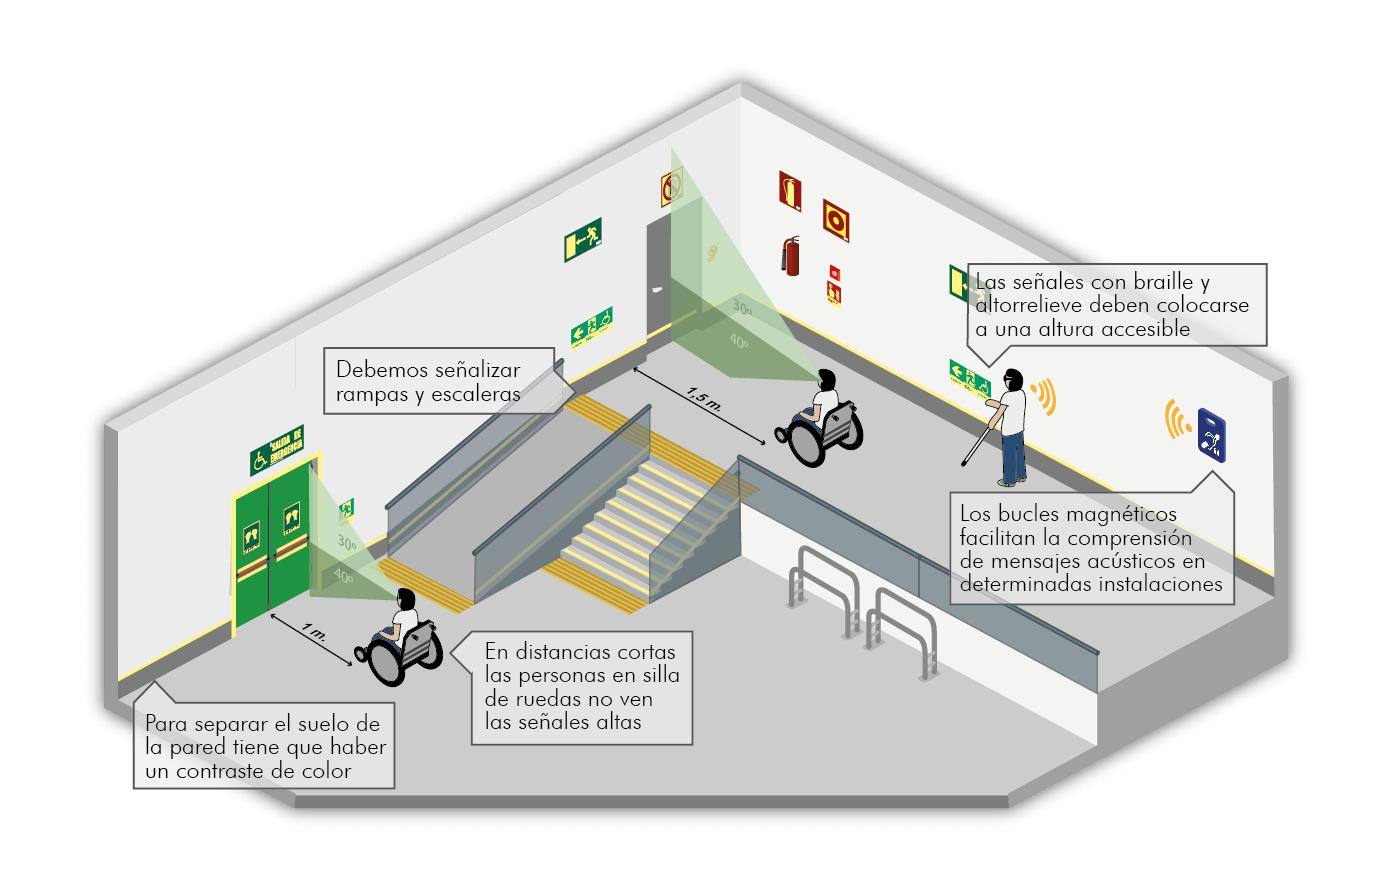 Proyectos de accesibilidad